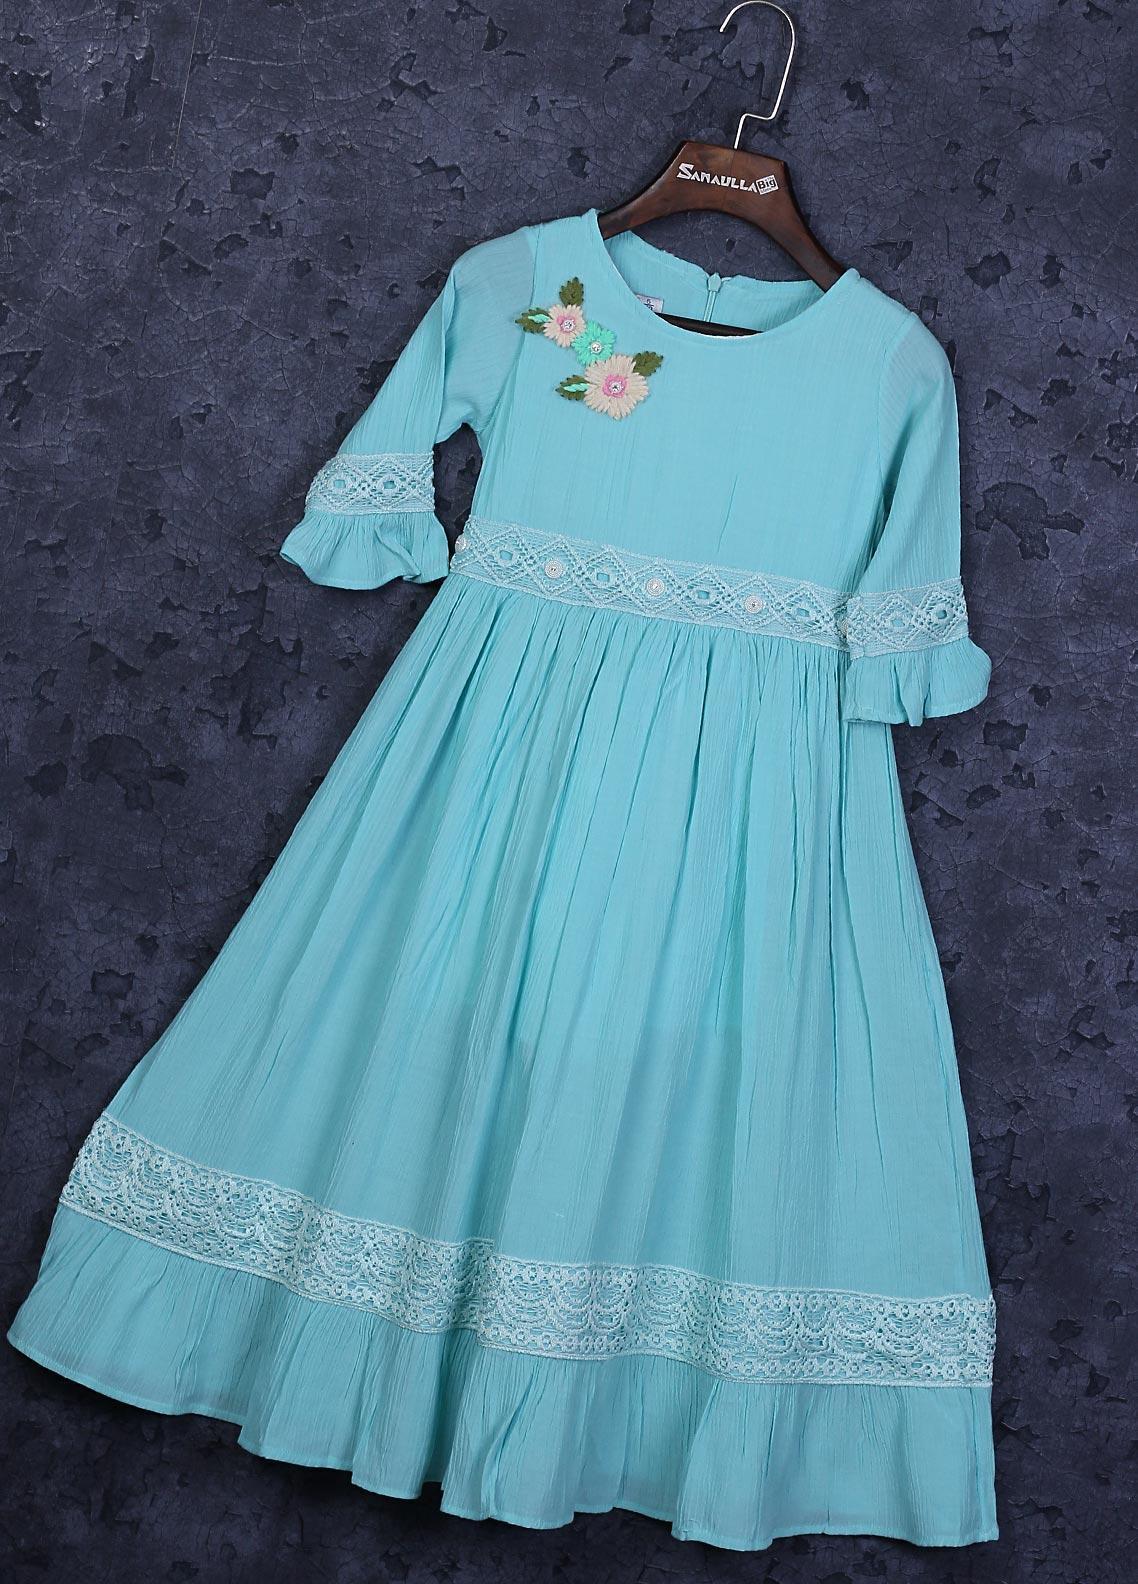 Sanaulla Exclusive Range Cotton Fancy Frocks for Girls -  22506-3 Ferozi